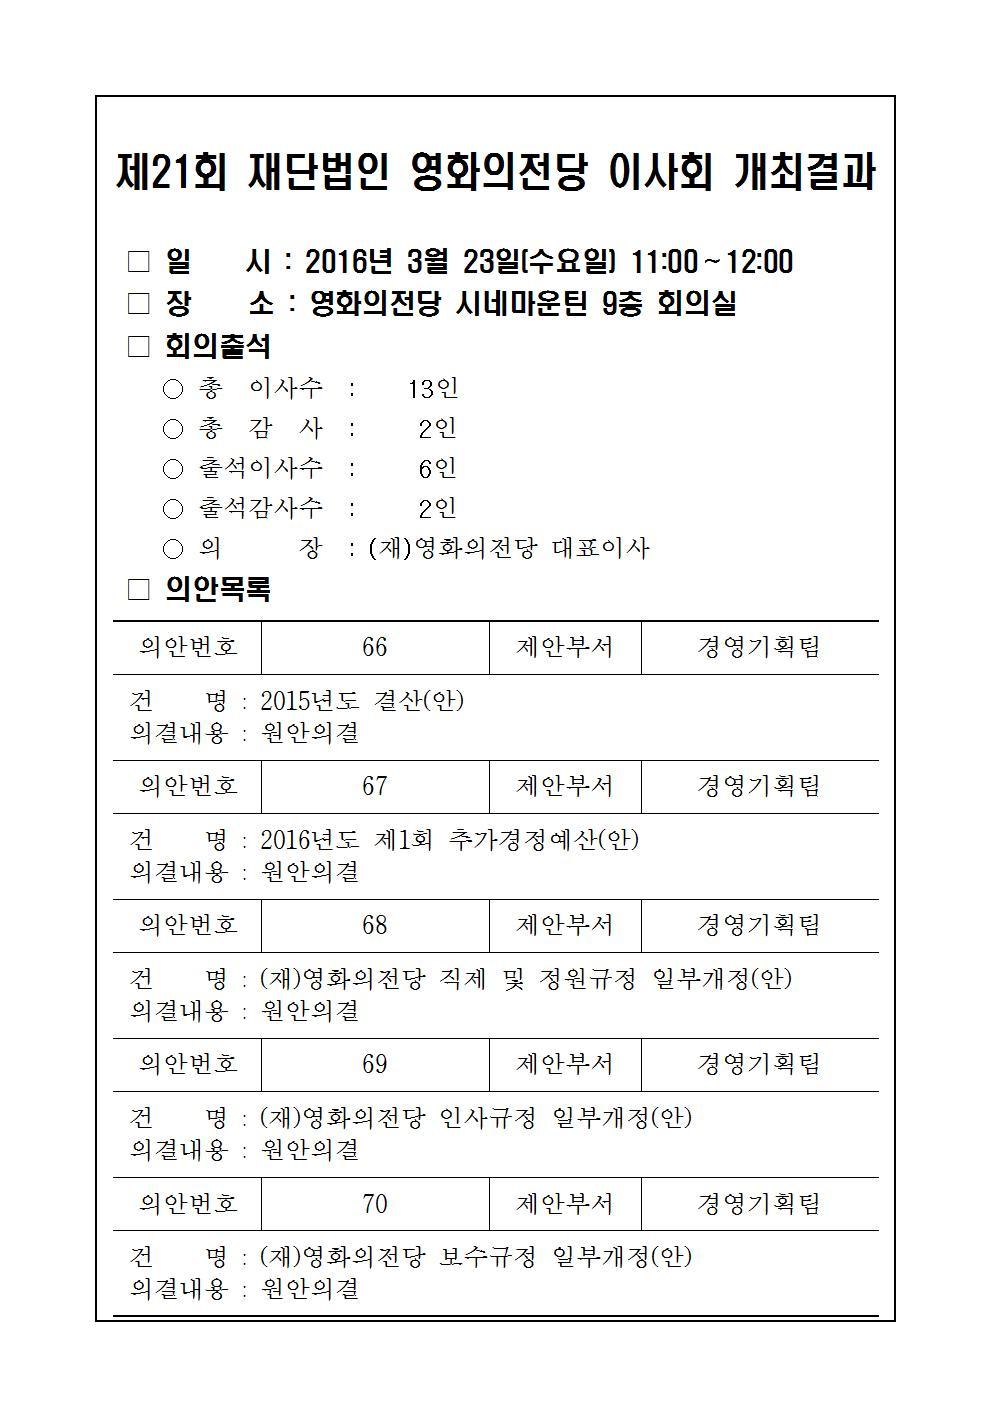 이사회 개최 결과(제21회)